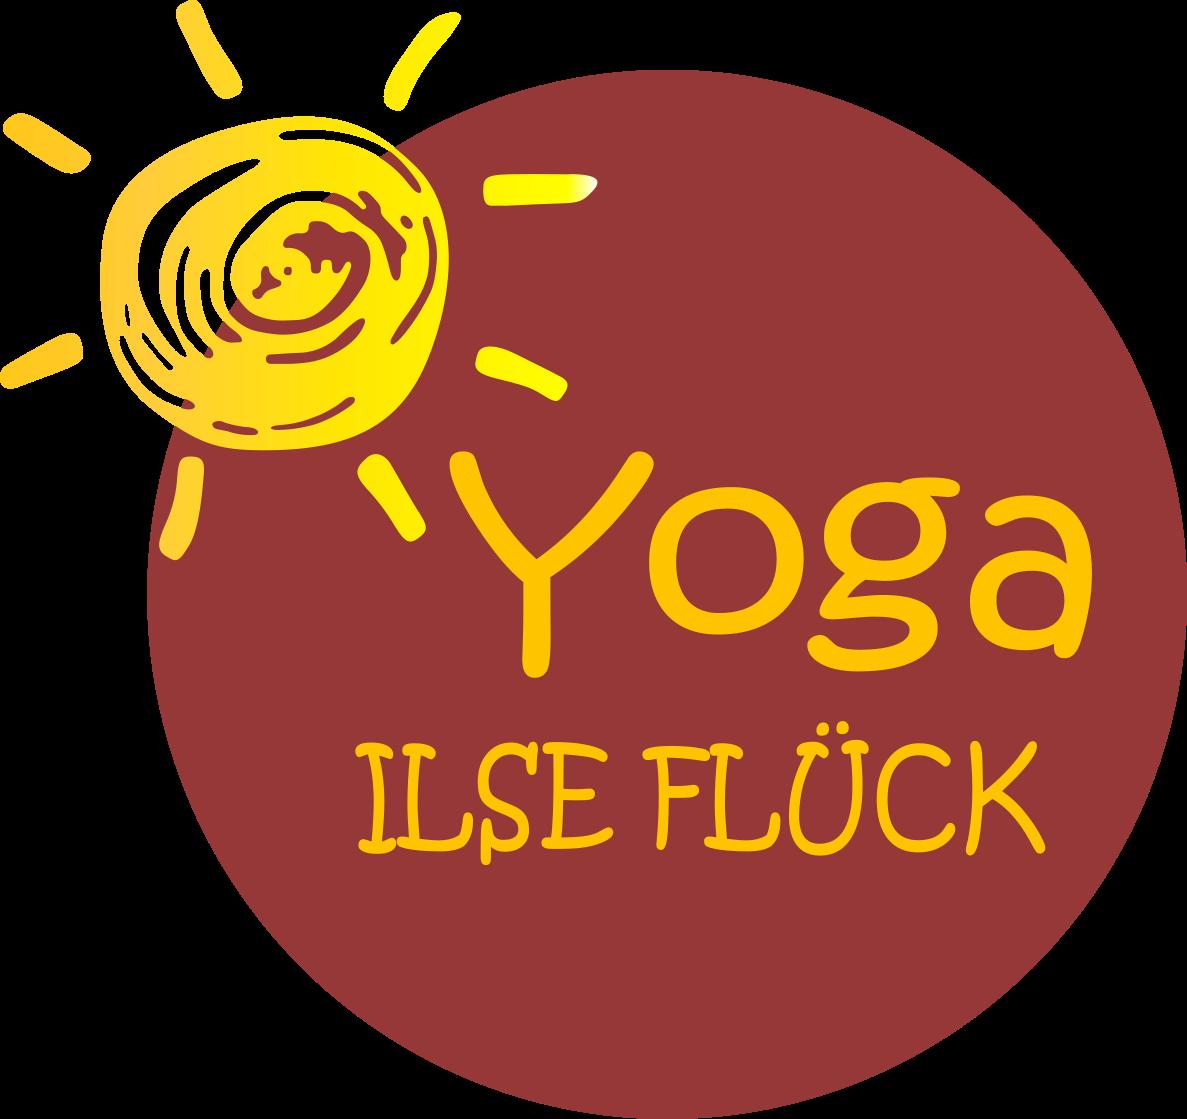 Yoga Dagmersellen – Ilse Flück